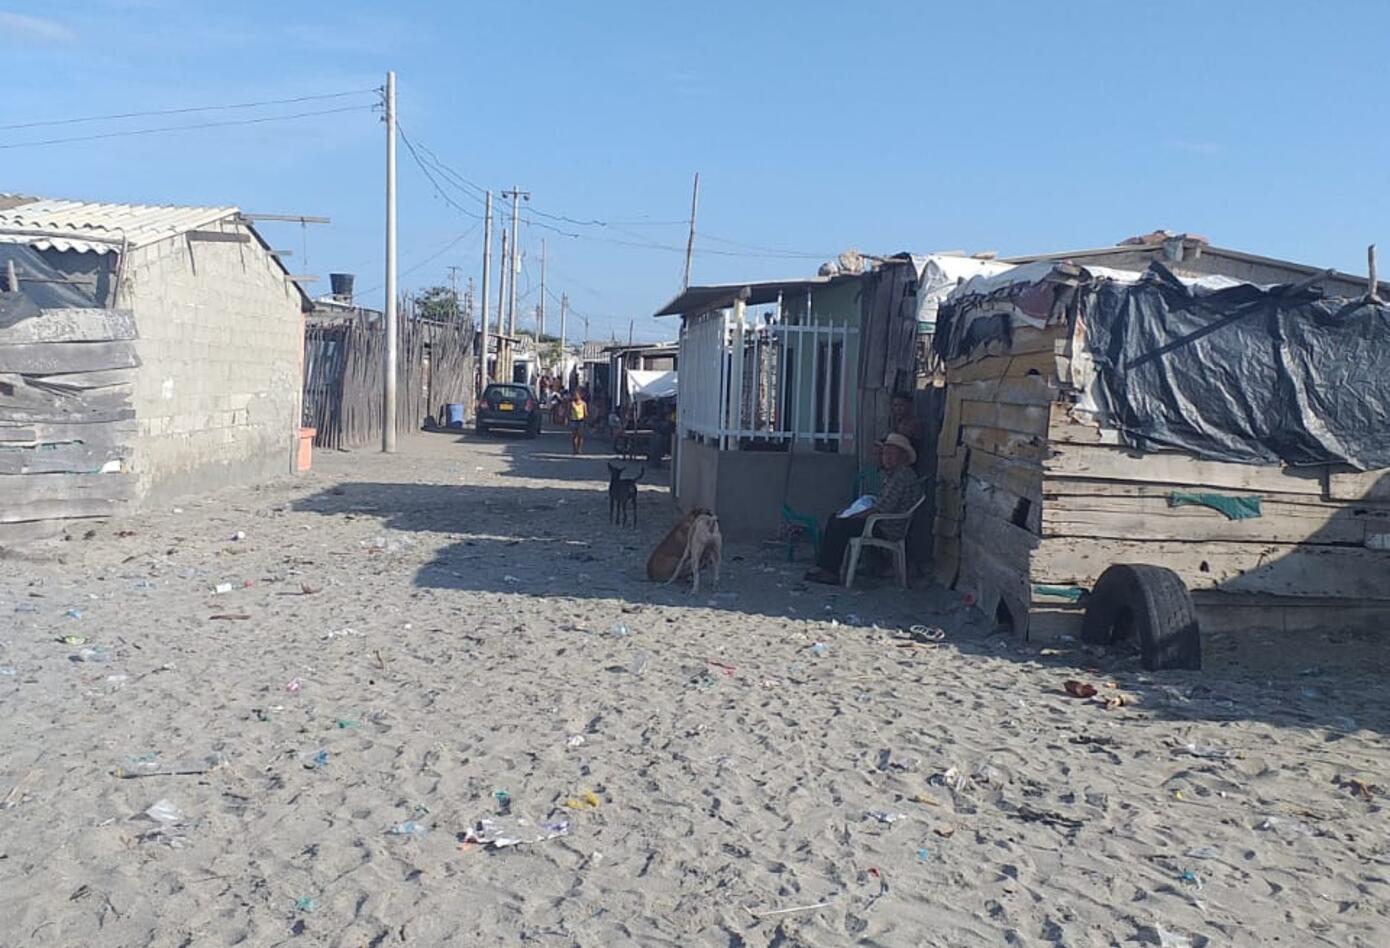 Hoy el pueblo clama por ayuda para salir adelante y poder subsistir en medio de la escasez